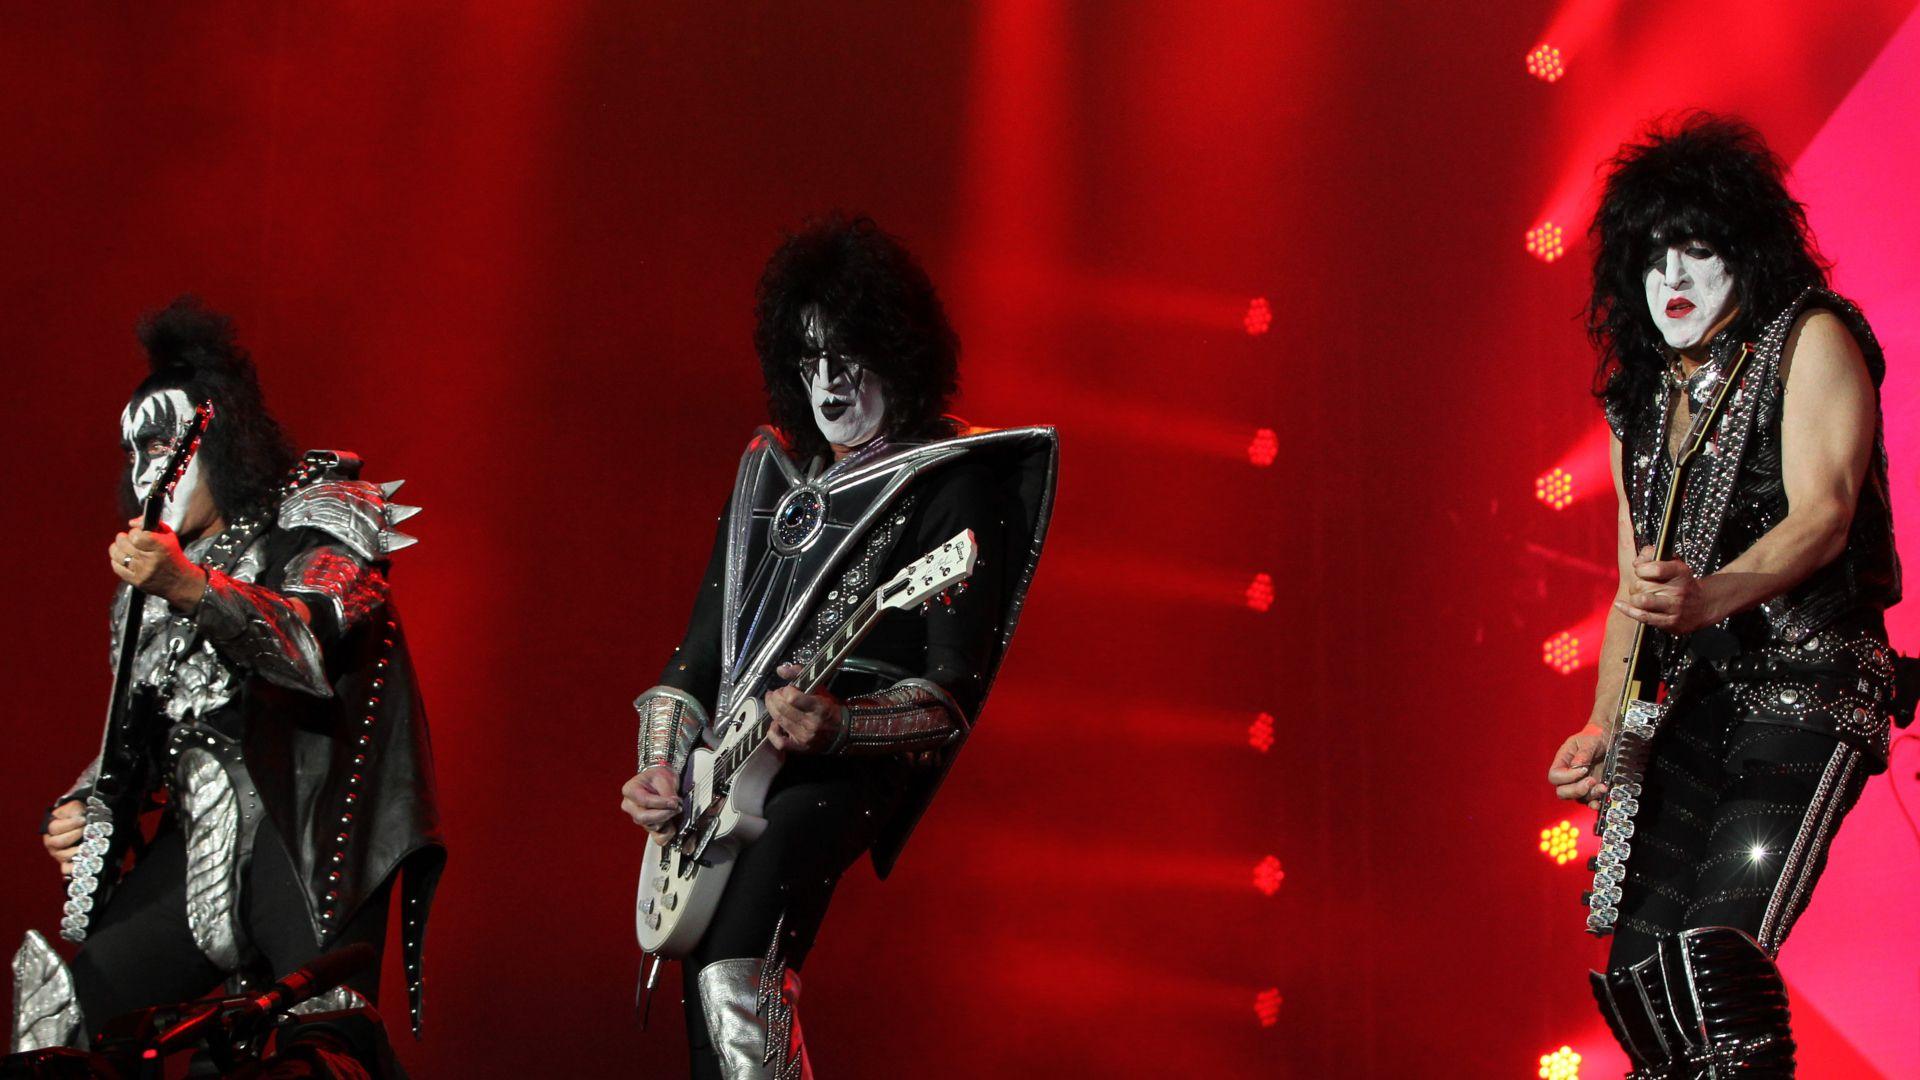 """La banda de rock """"Kiss"""" durante su concierto en el Domination Fest celebrado en el Autódromo Hermanos Rodríguez en Ciudad de México / (GABINO ACEVEDO / CUARTOSCURO.COM)"""